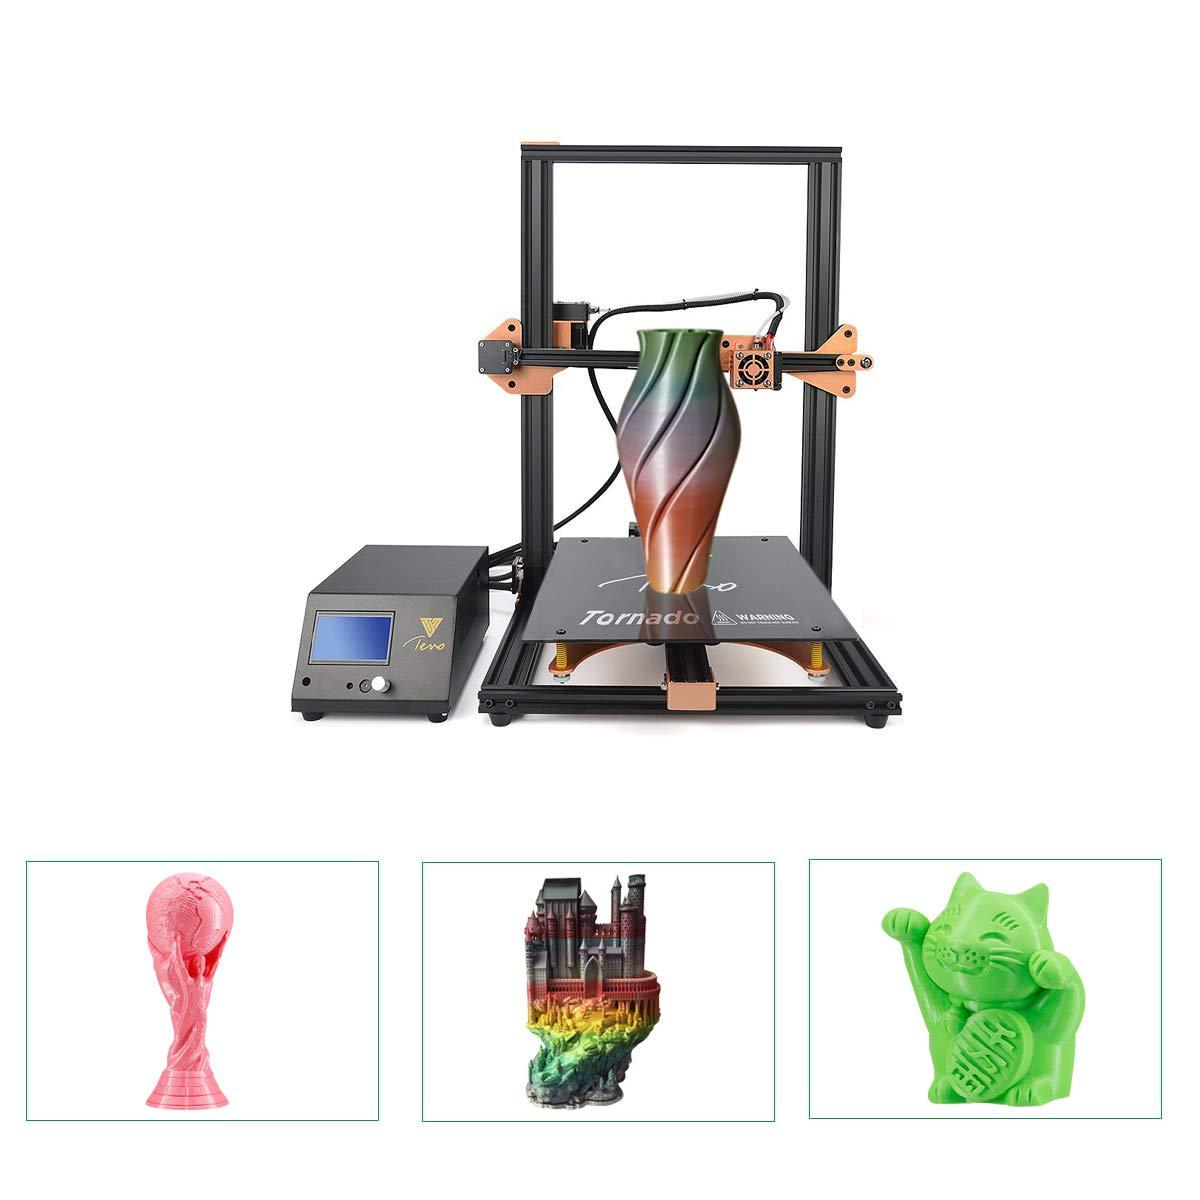 TEVO Tornado Impresora 3D con marco de aluminio completo más ...